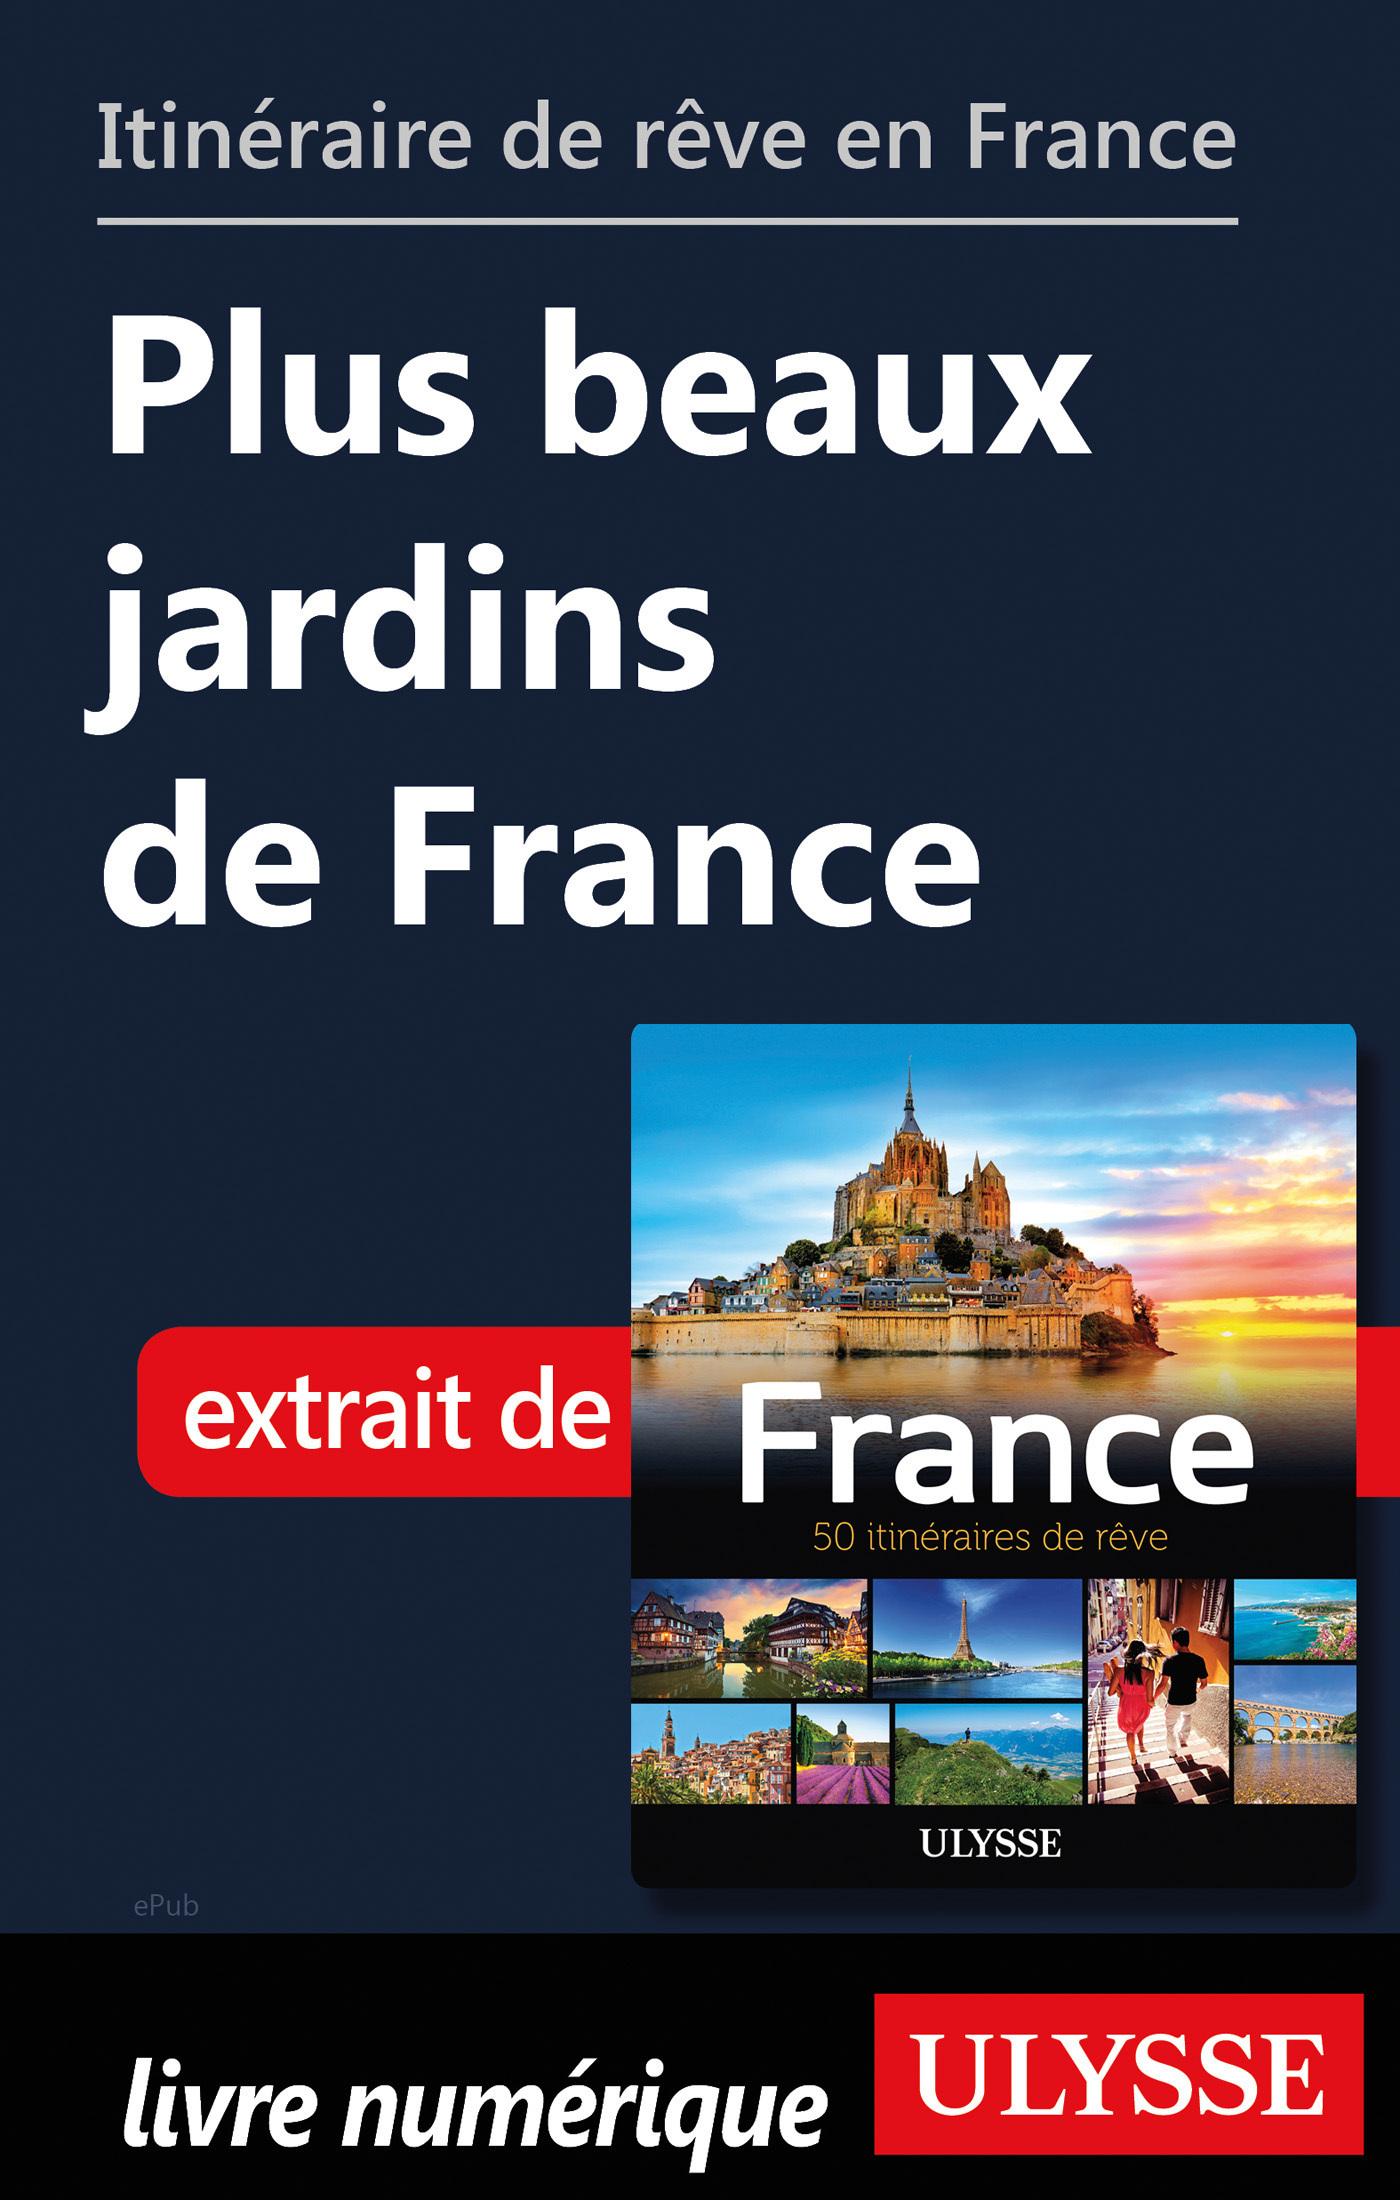 Itinéraire de rêve en France - Plus beaux jardins de France